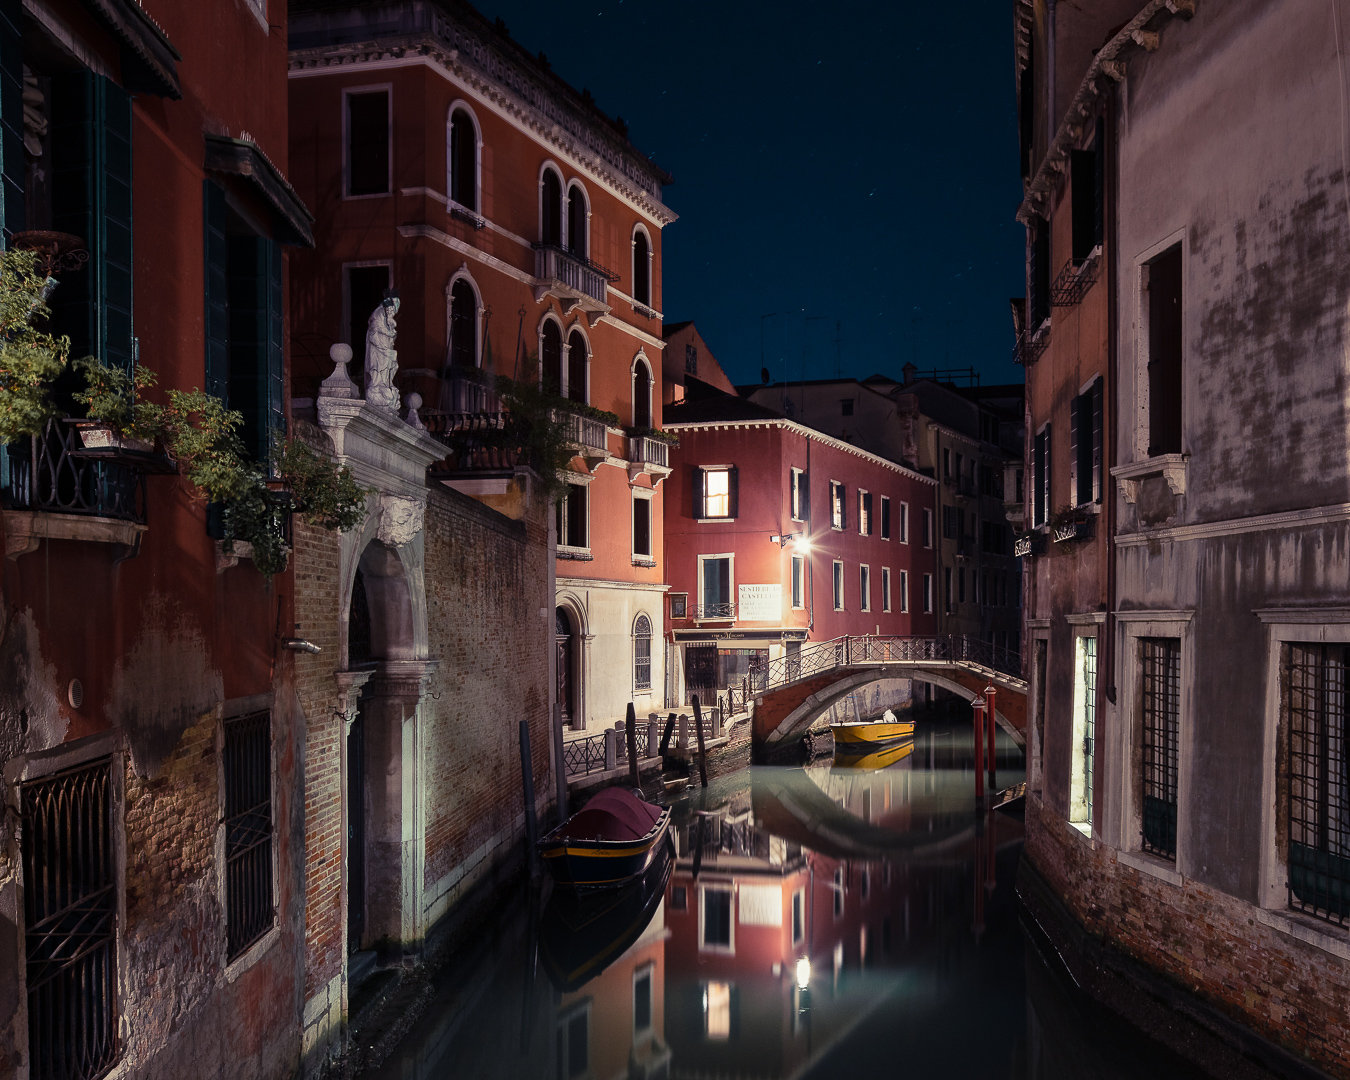 梦乡中的威尼斯,晚安 By丨Thibaud Poirier